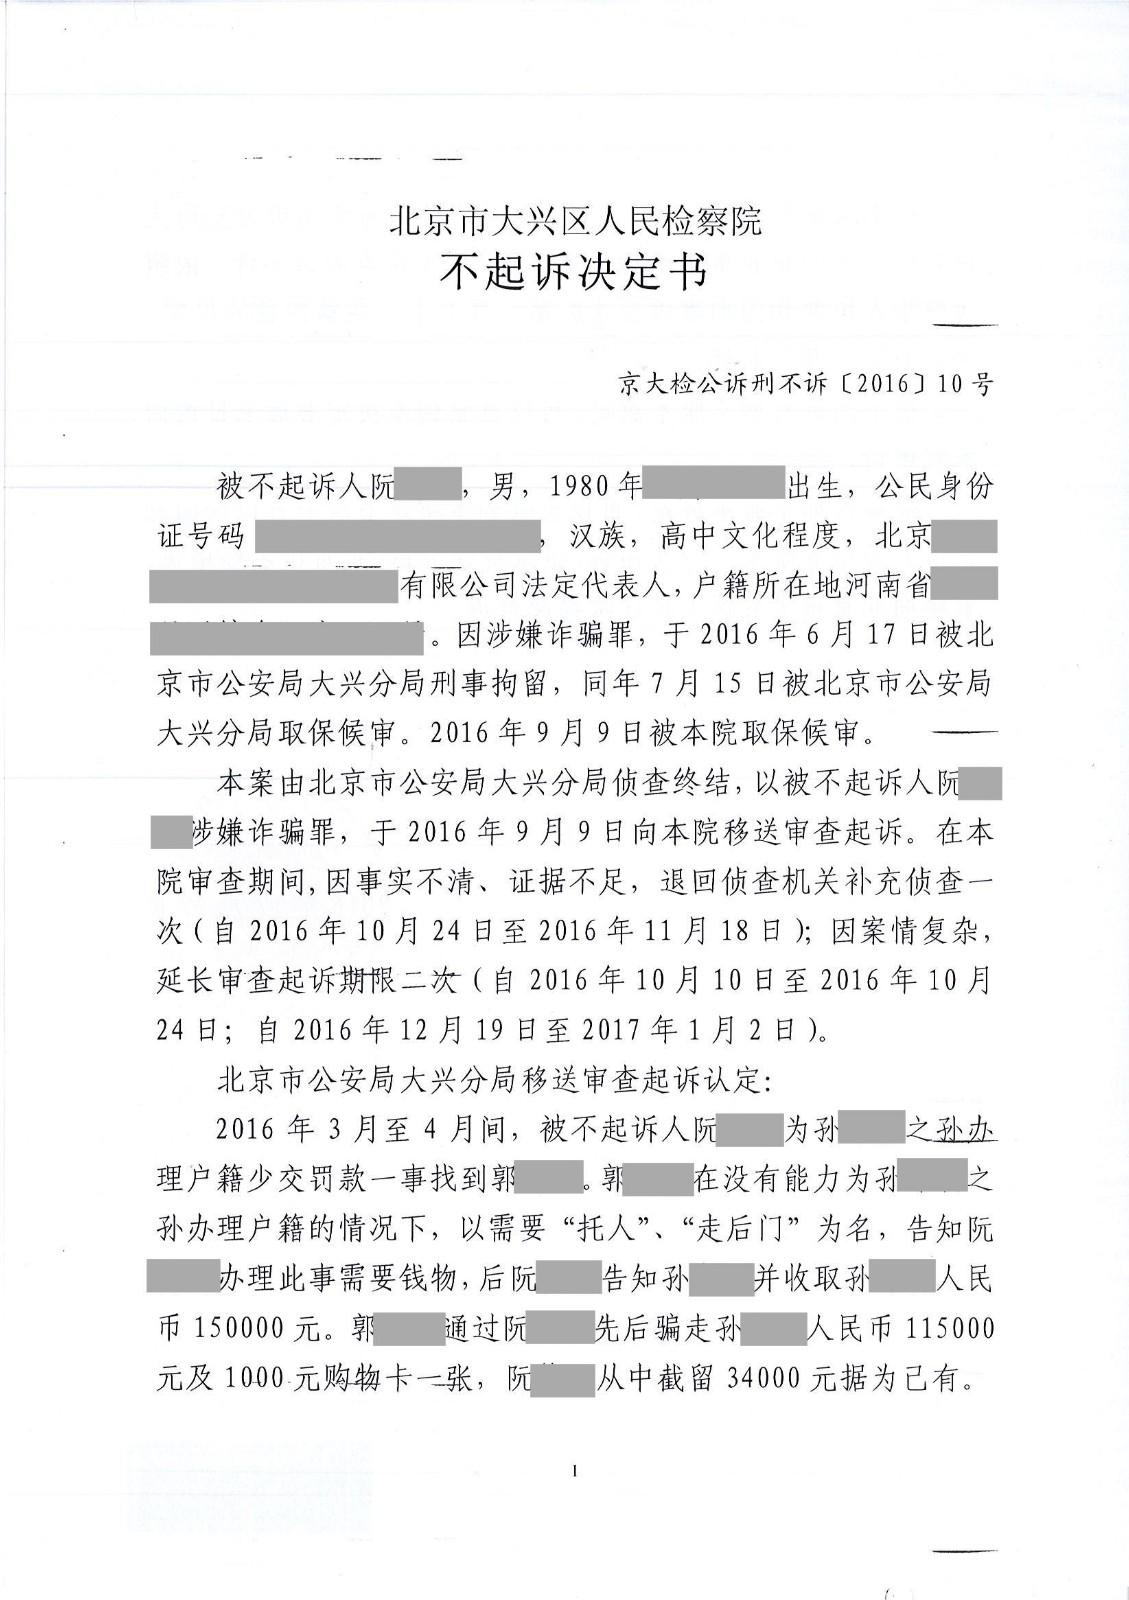 阮传磊不起诉决定书-京大检公诉刑不诉【2016】10号-111.jpg